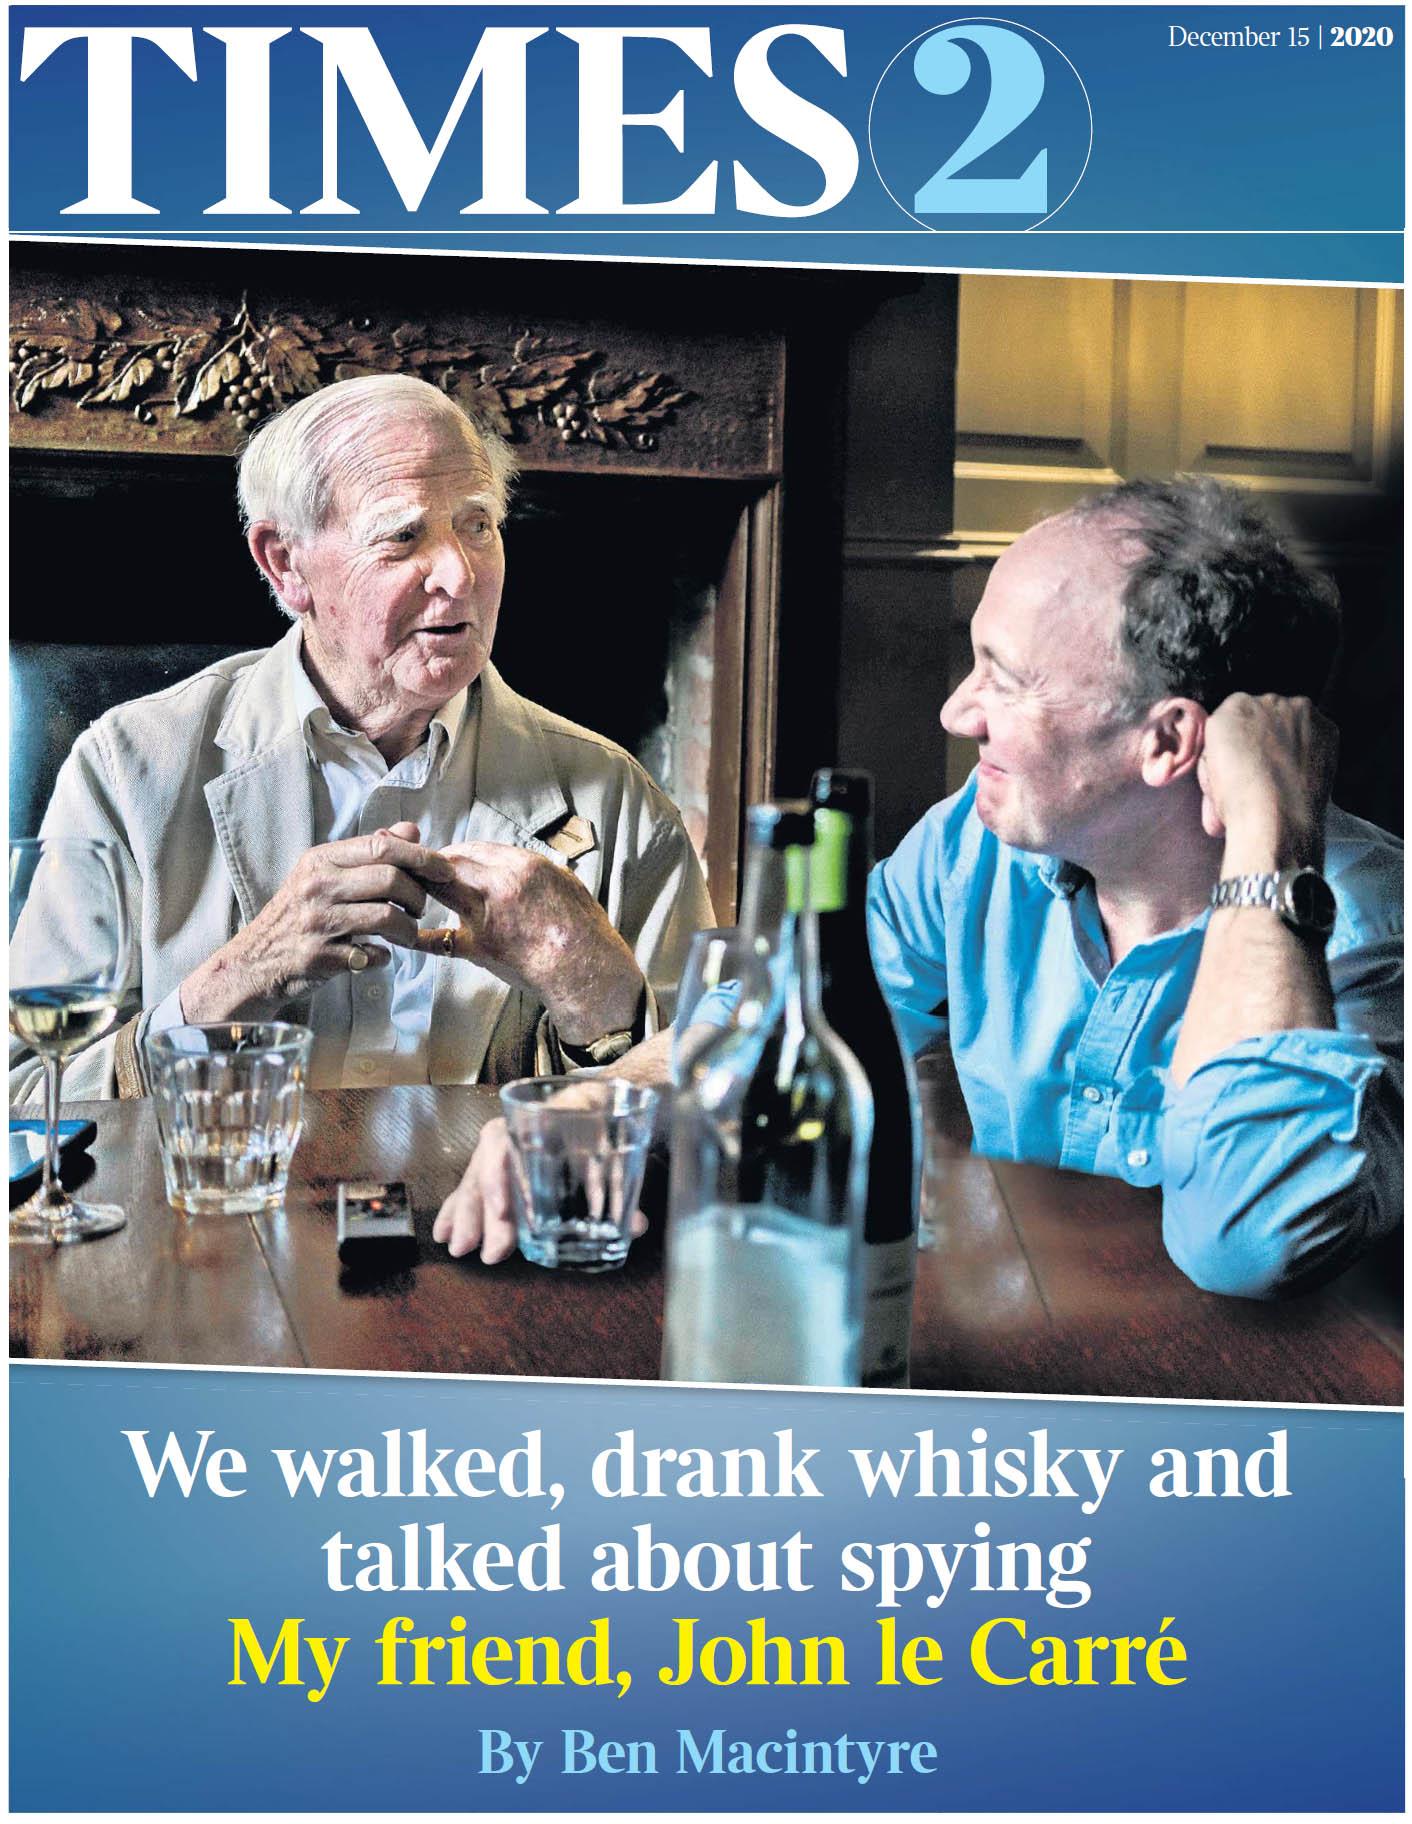 Times 201215 JLCarre2.jpg